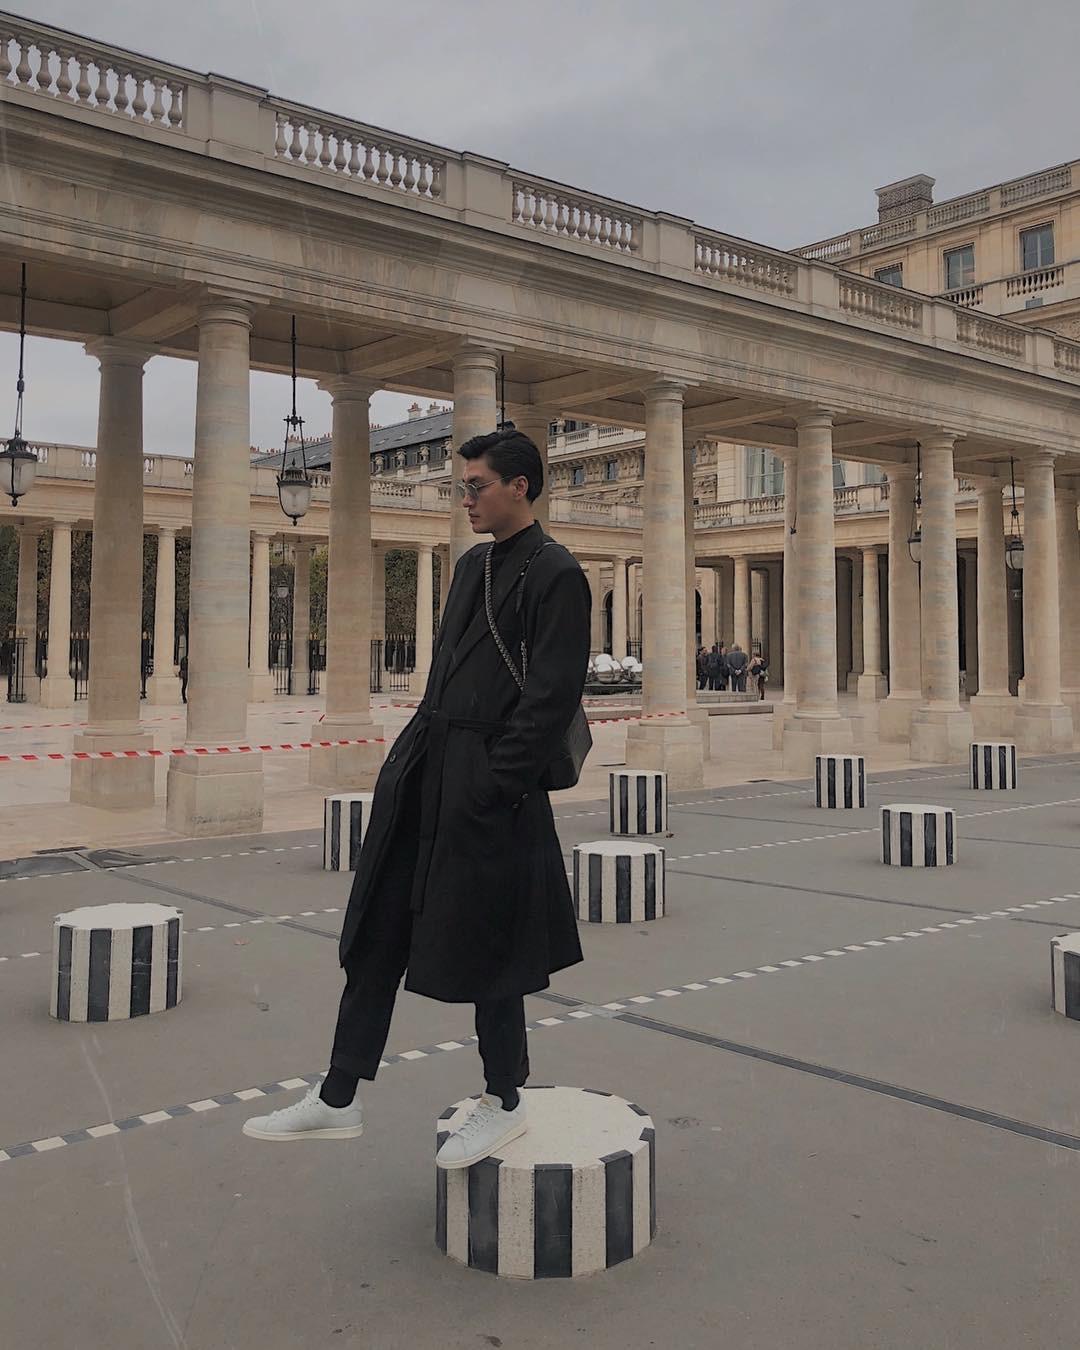 Hoá ra không chỉ Quỳnh Anh Shyn hay Quang Đại mà bất cứ ai đến Paris cũng đều check-in tại địa điểm này - Ảnh 2.